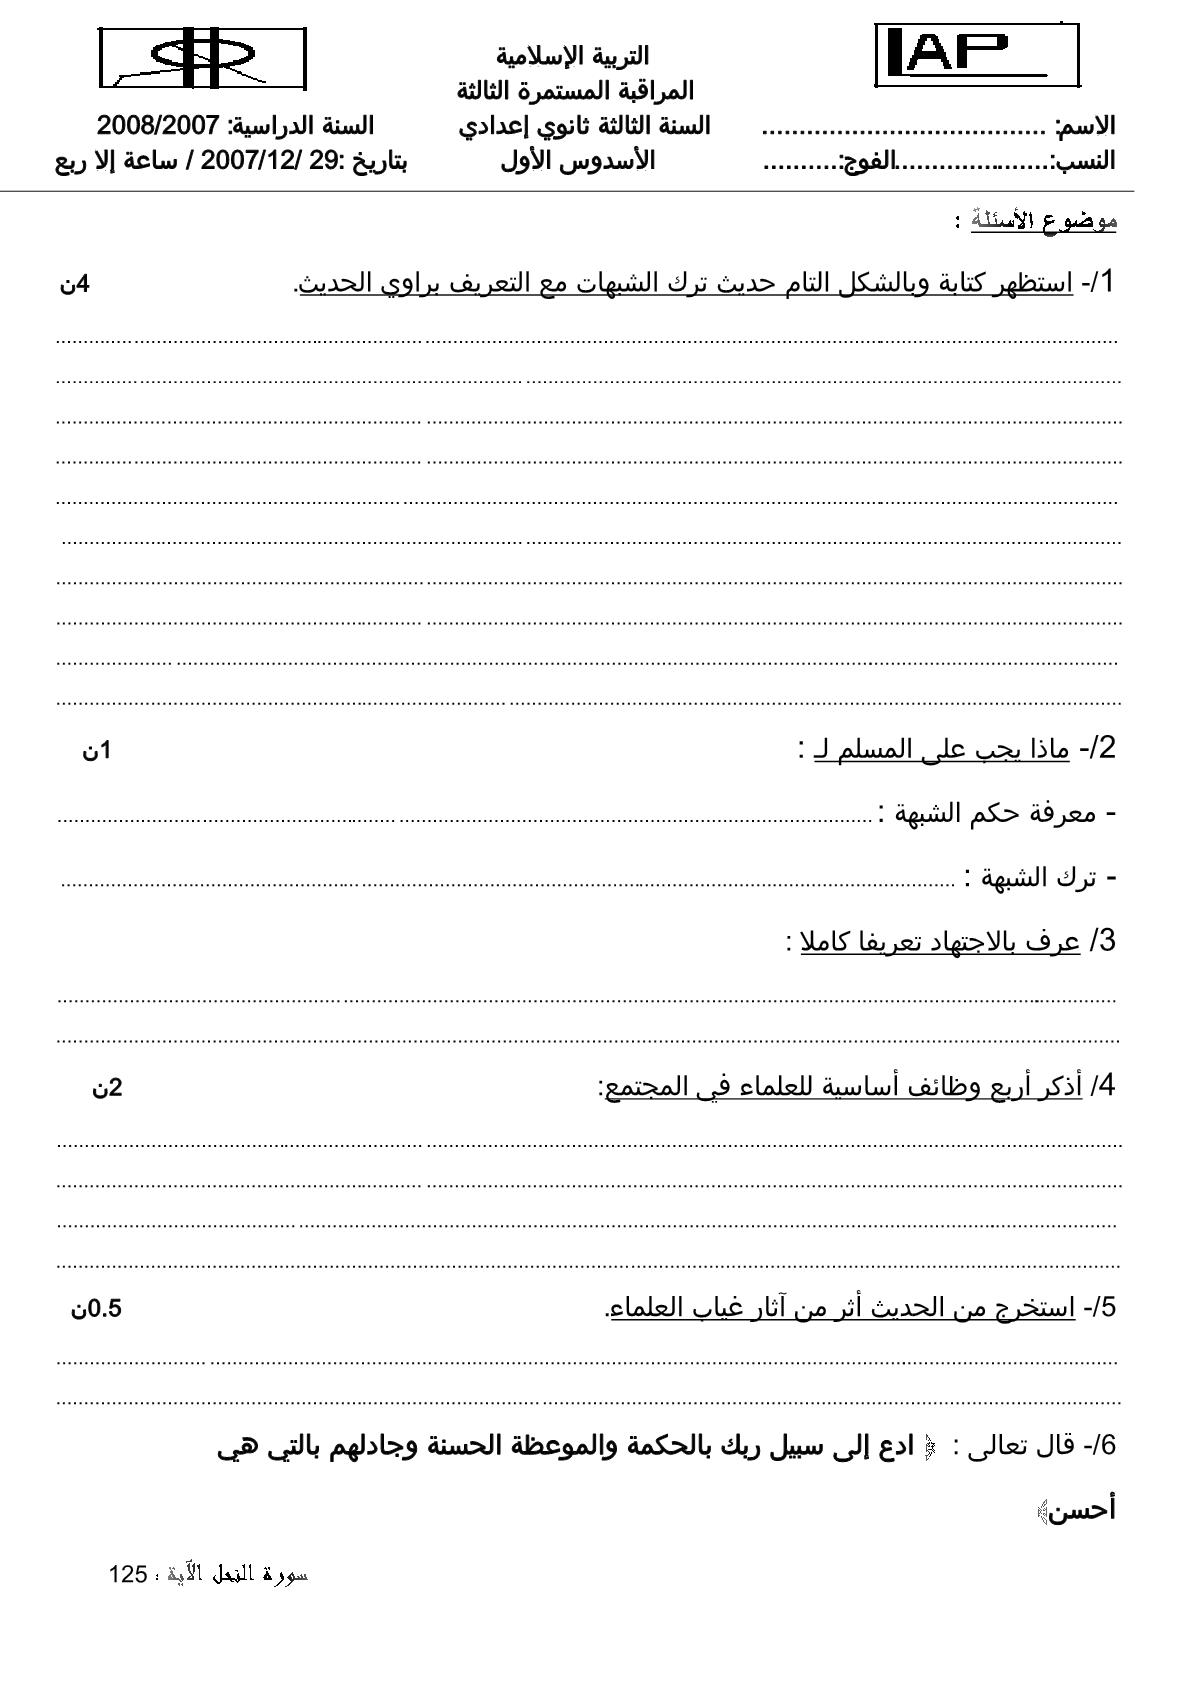 الفرض المحروس رقم 2 مادة التربية الإسلامية للسنة الثانية اعدادي